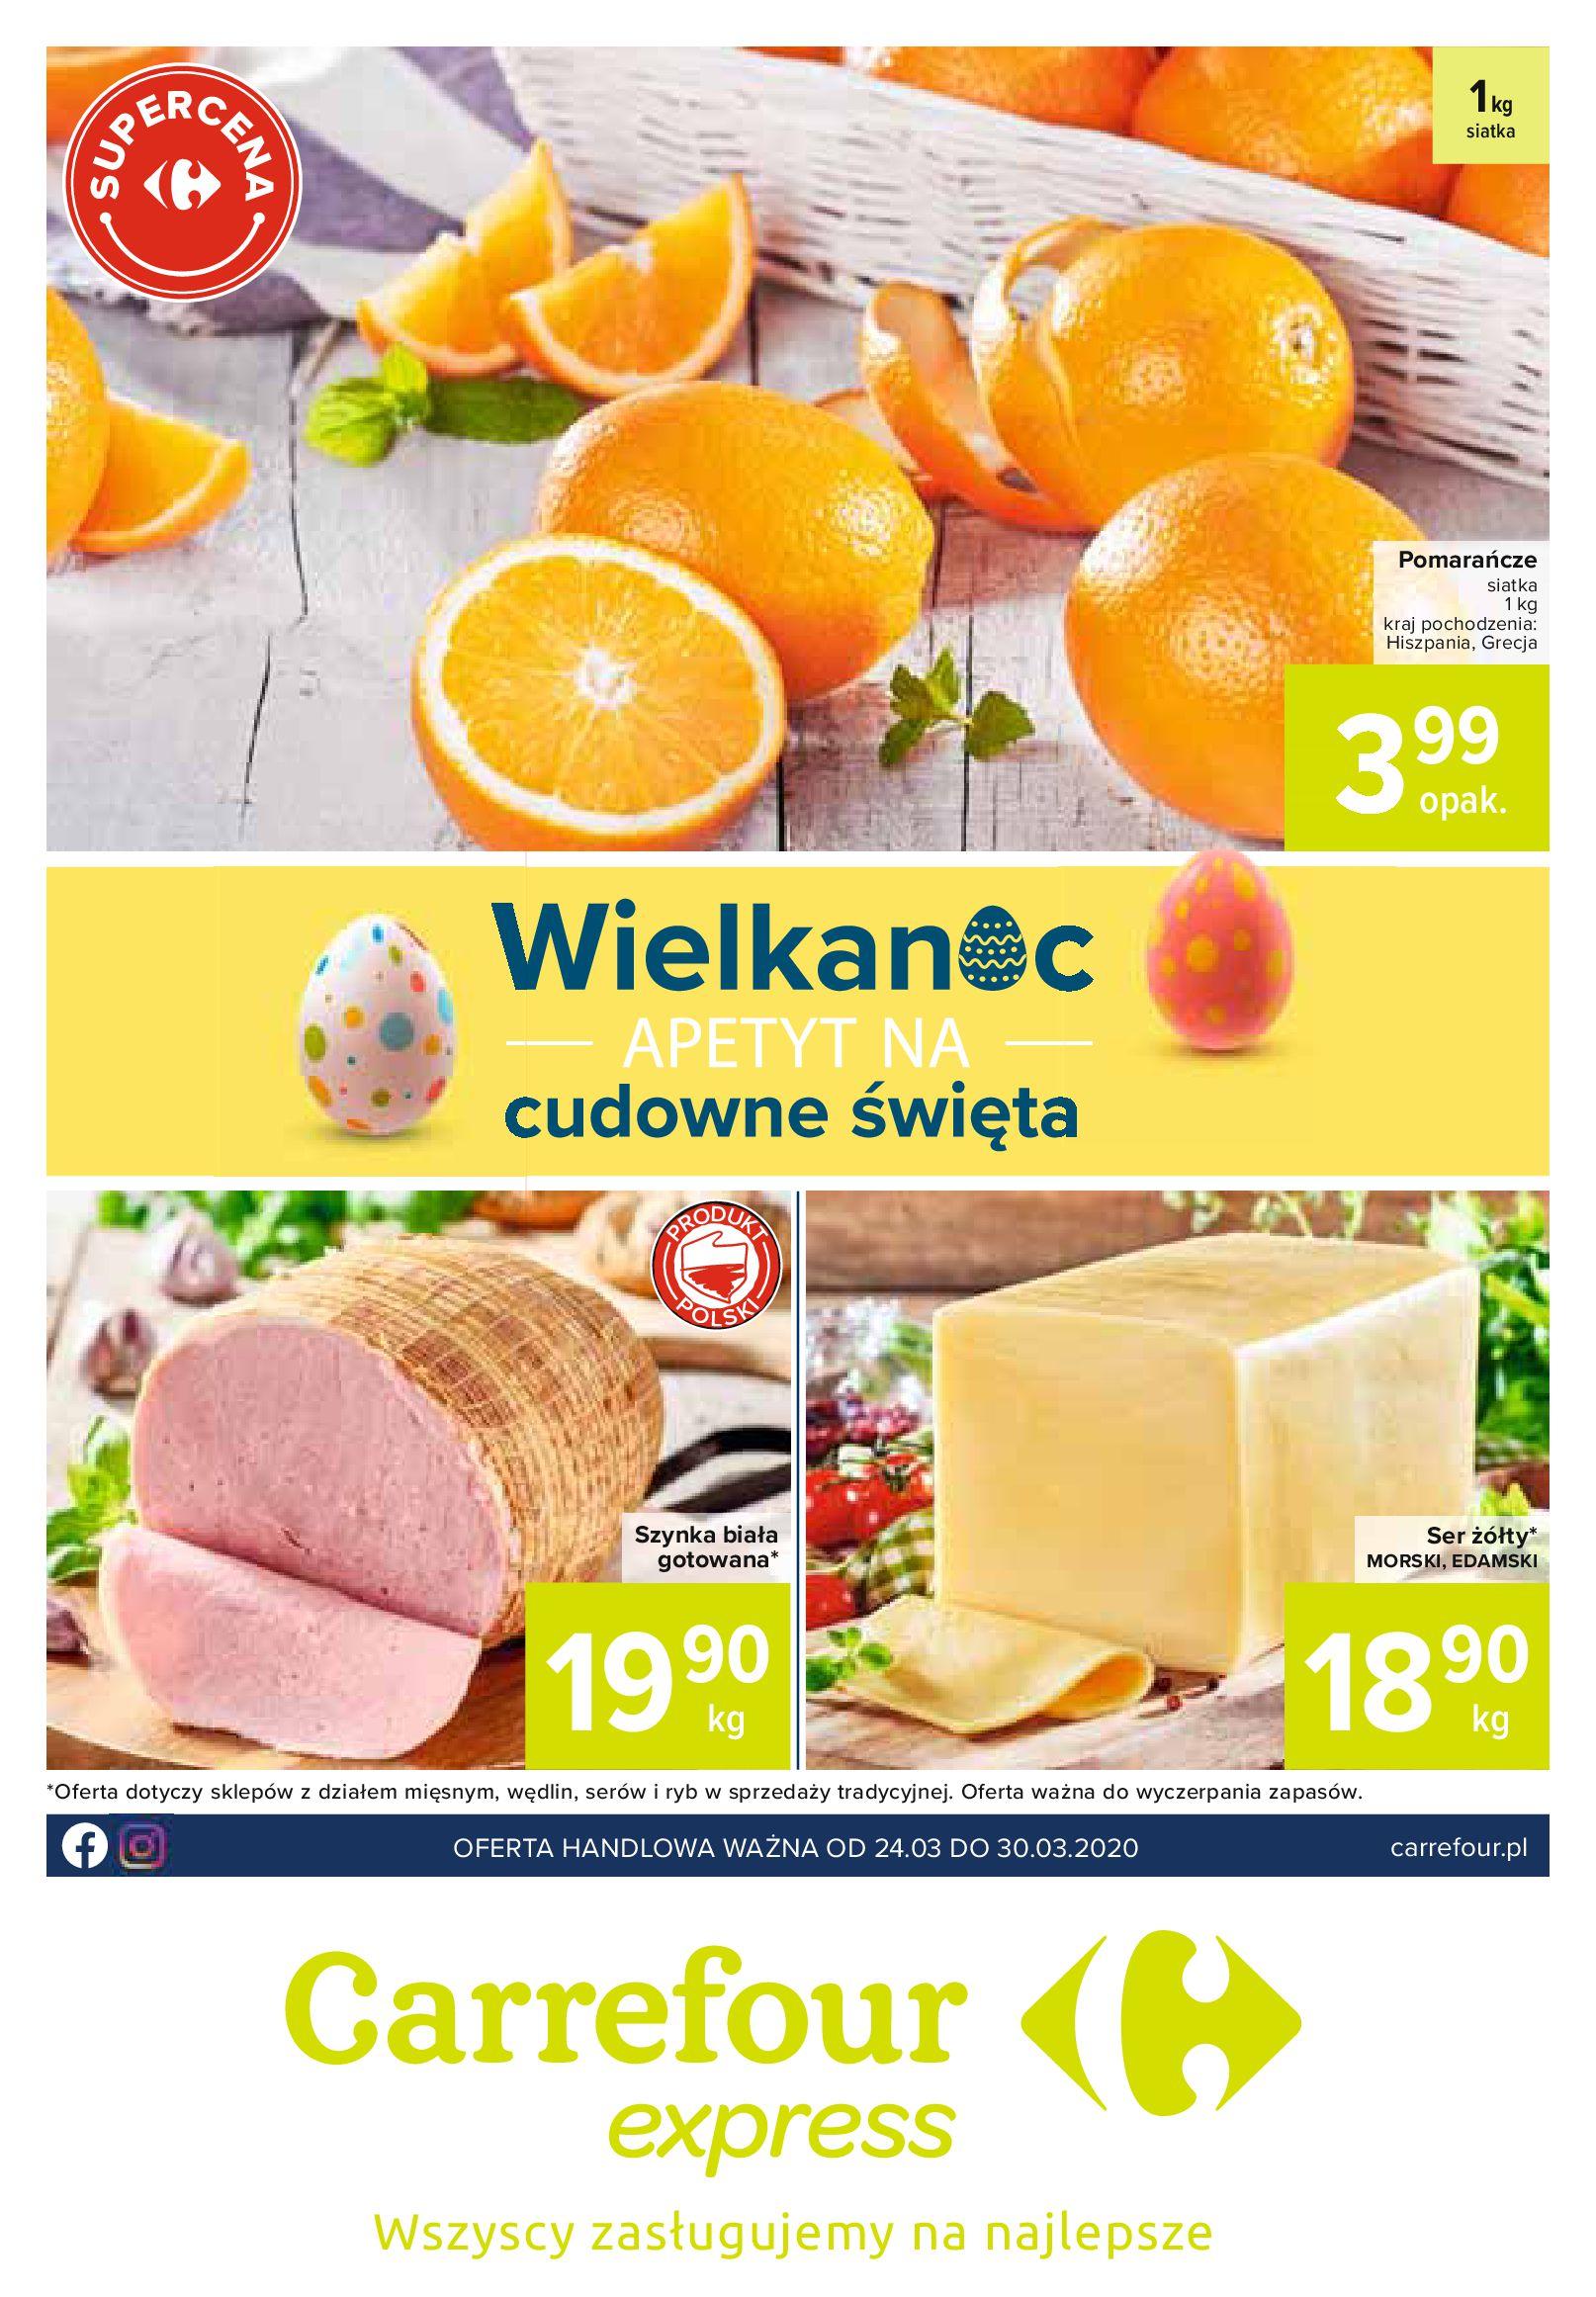 Gazetka Carrefour Express - Oferta handlowa-23.03.2020-30.03.2020-page-1